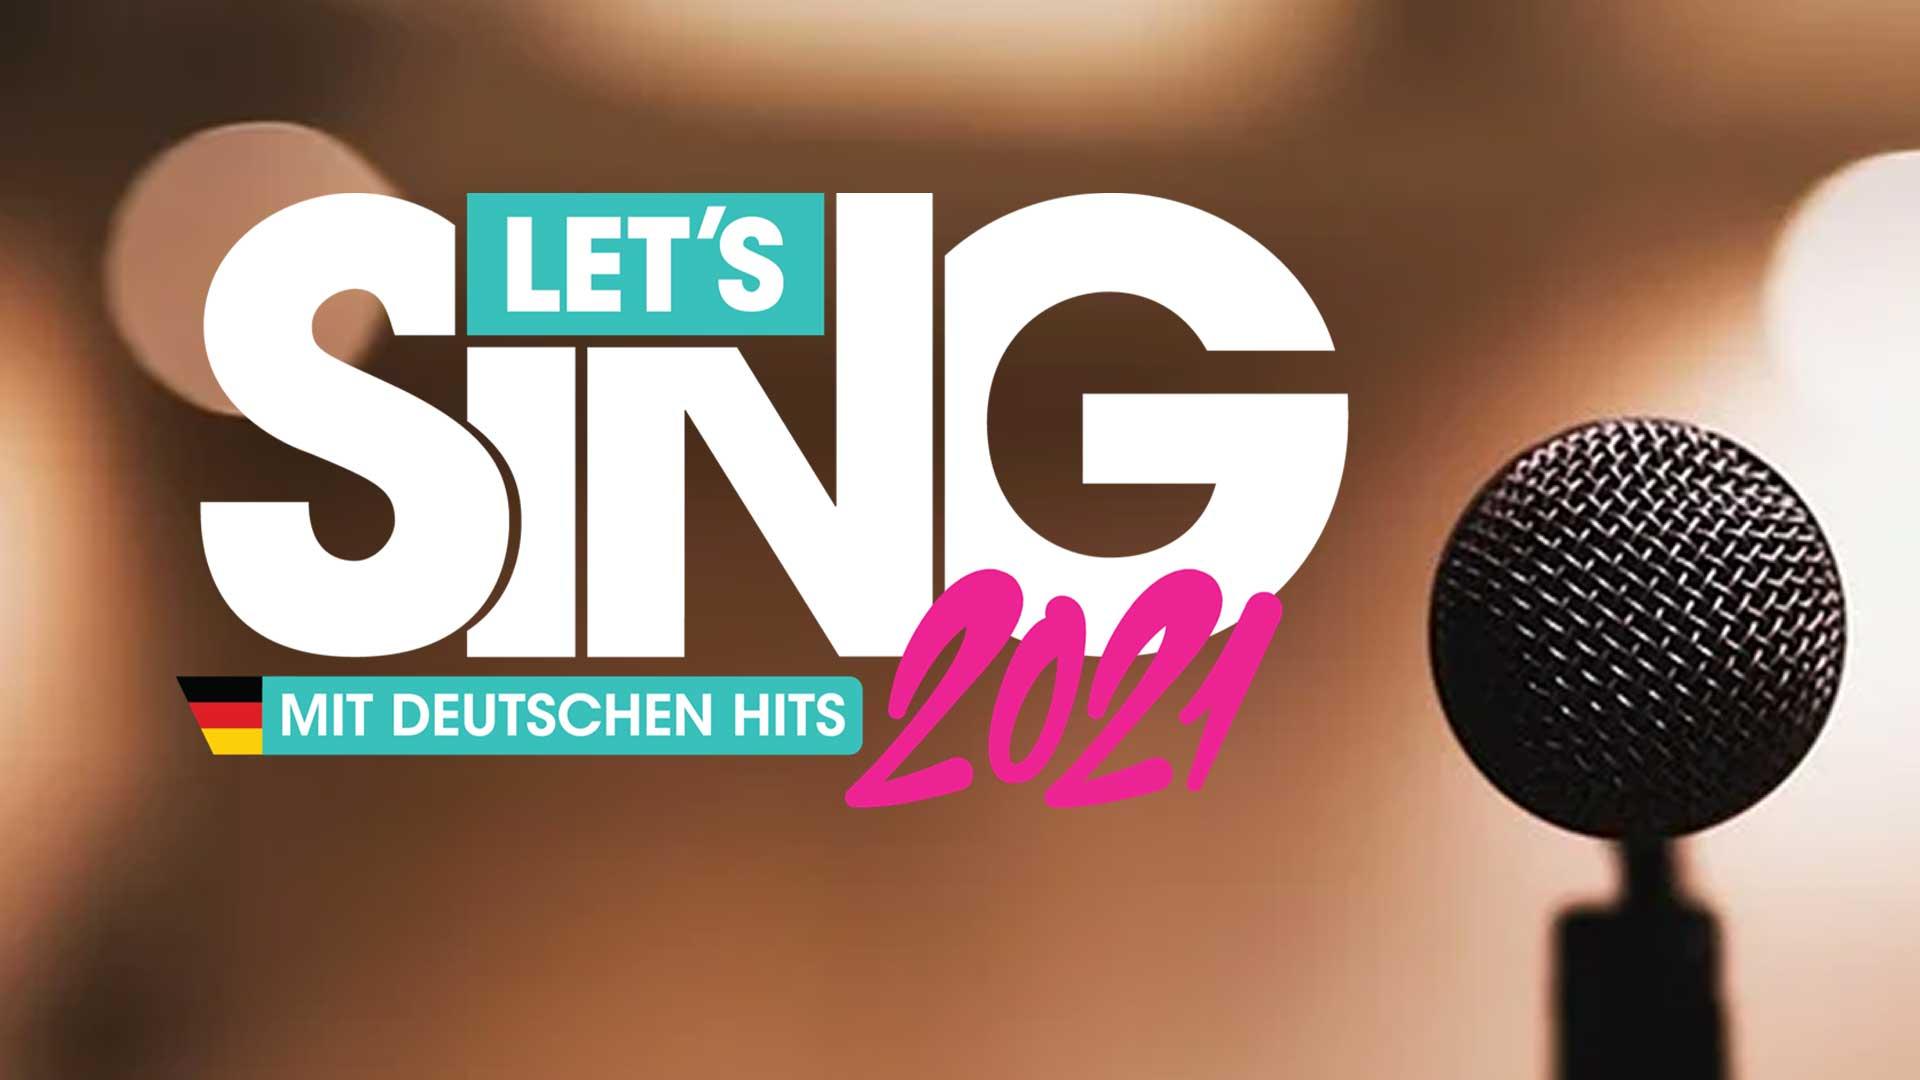 lets sing 2021 deutsche hits